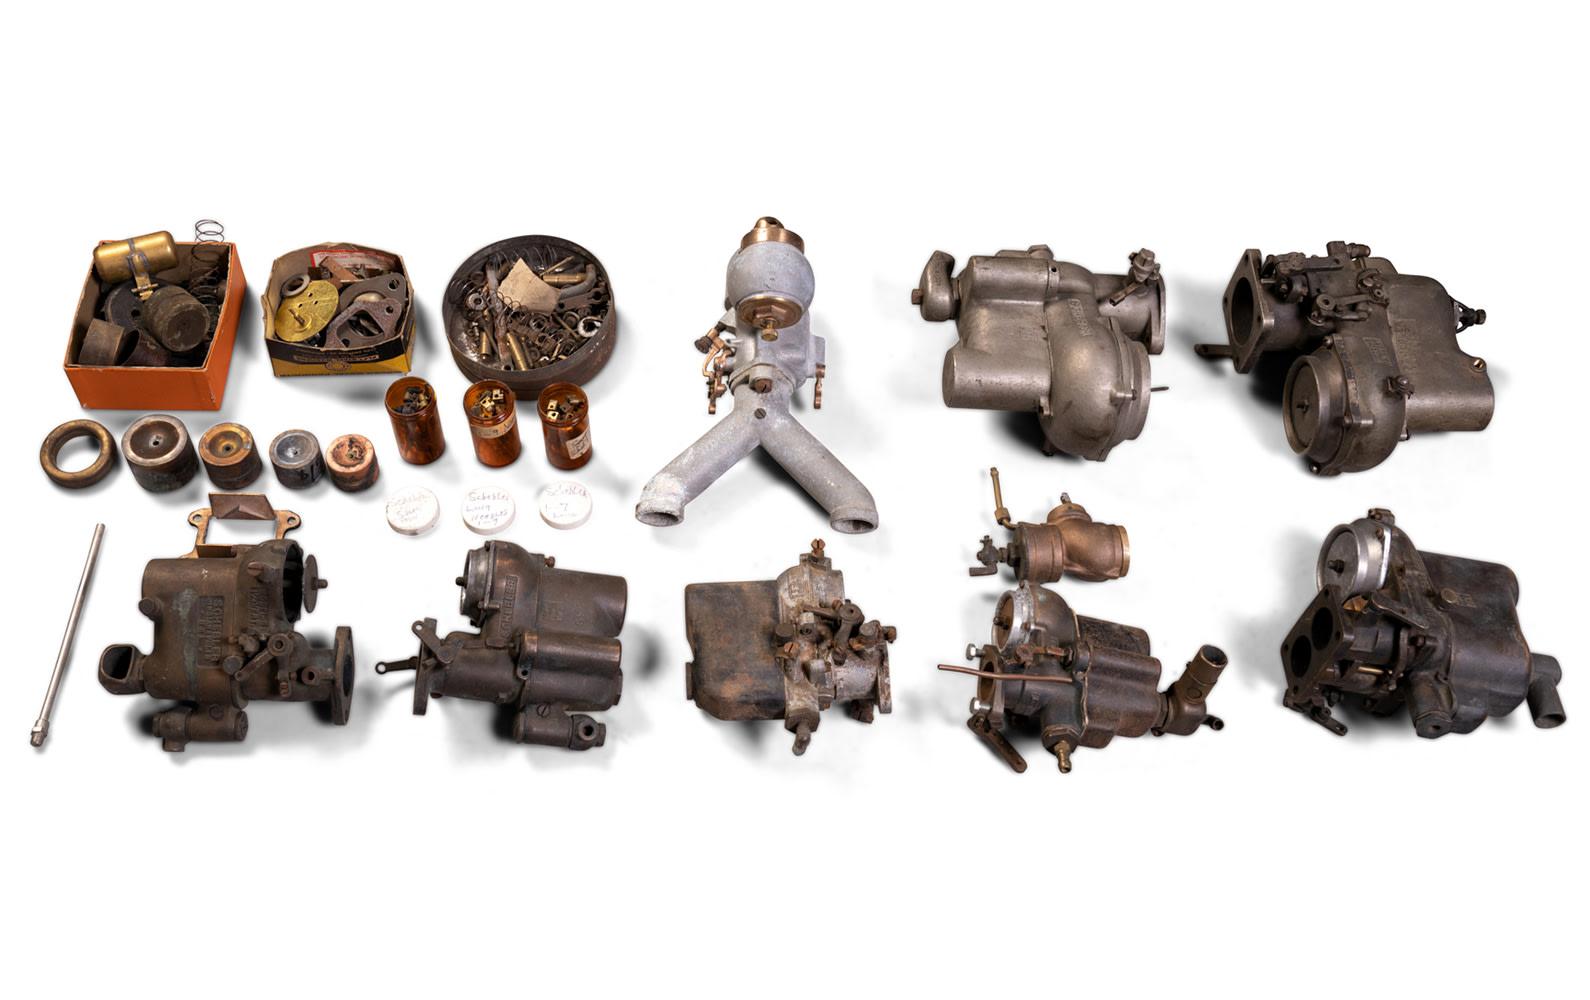 Assorted Schebler Carburetors and Components